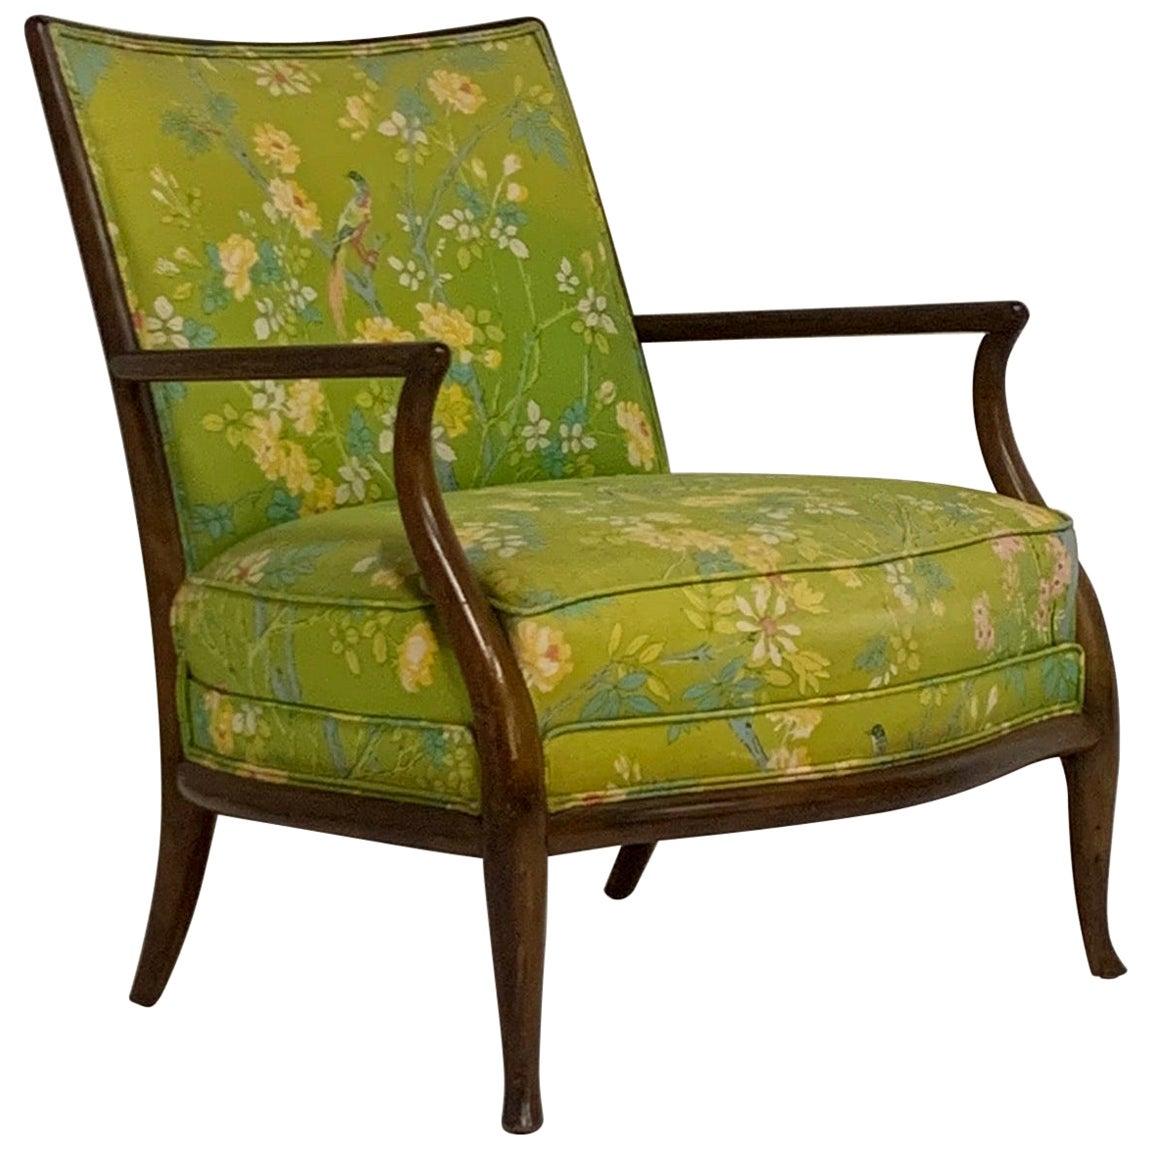 Robsjohn Gibbings for Widdicomb Model 2024 Lounge Chair w. Whimsical Upholstery